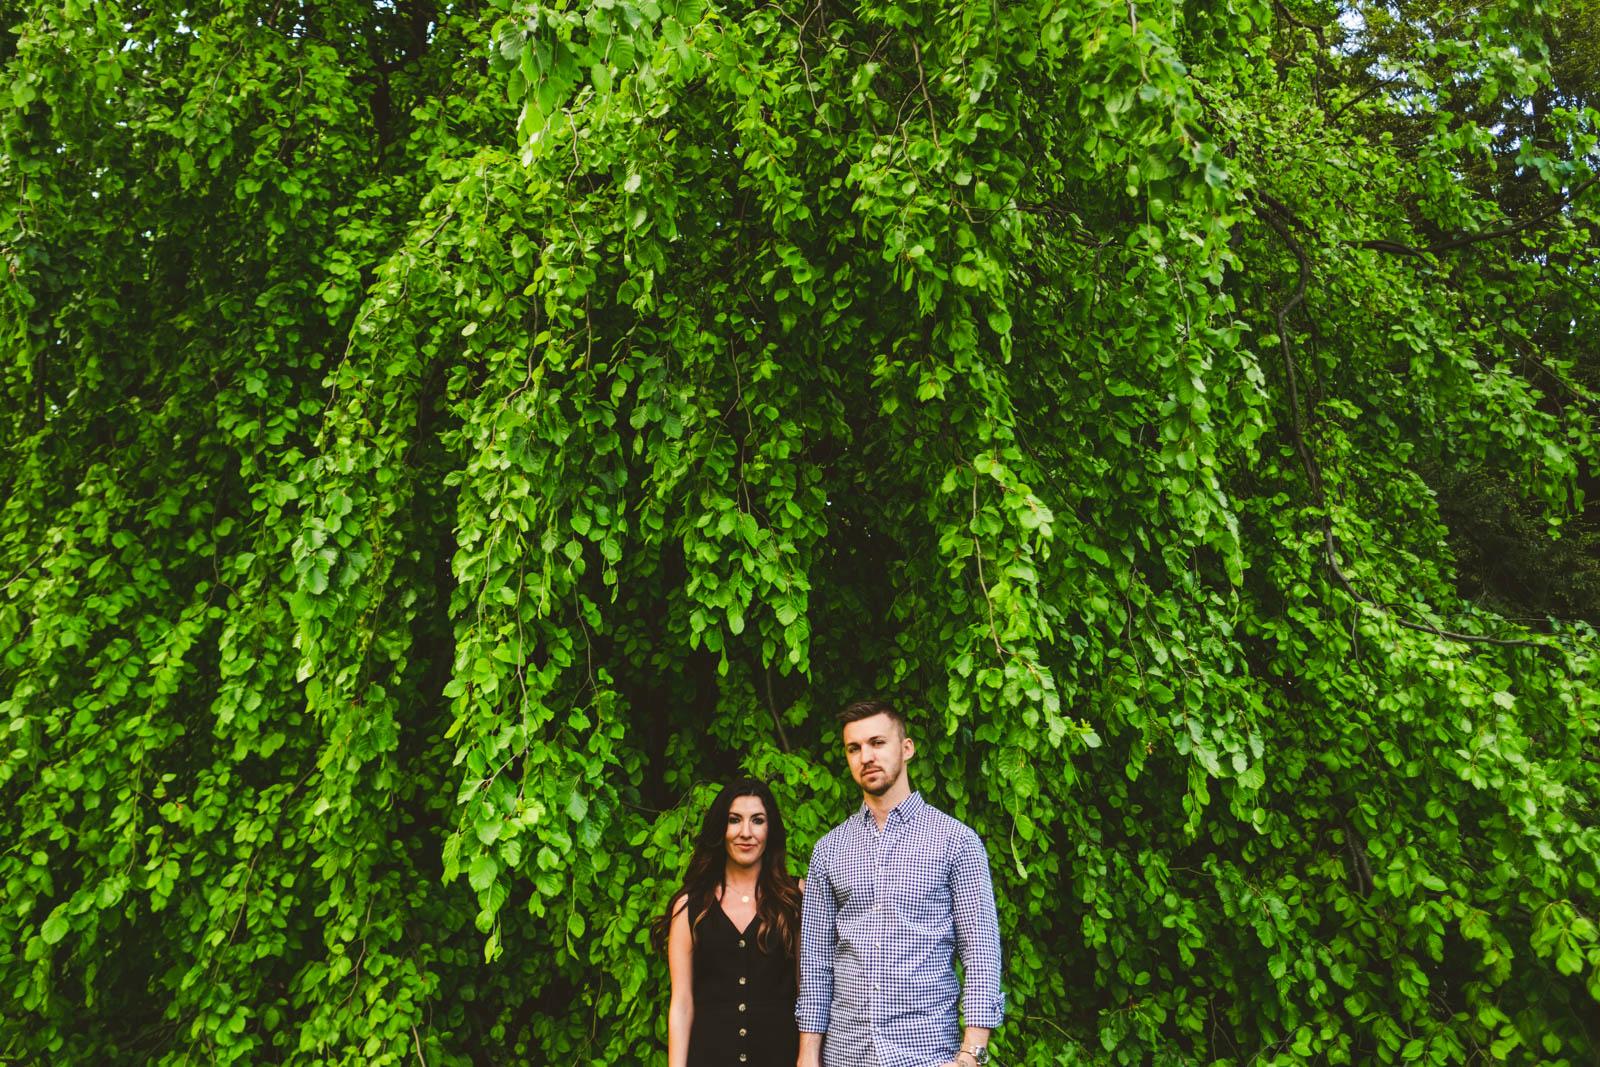 Toledo Botanical Gardens Engagement Session for Engaged Couple in Toledo Ohio